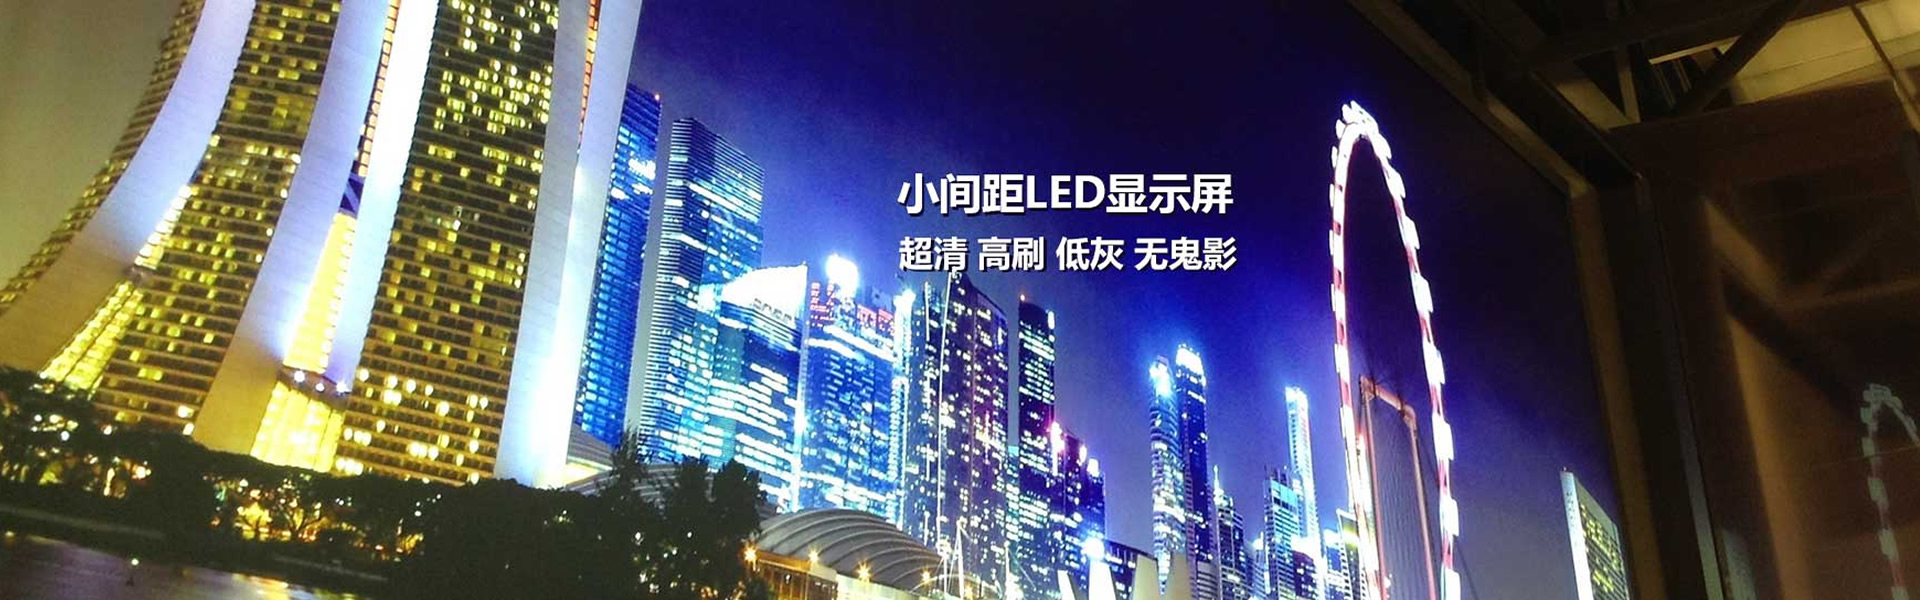 礼泉县广告公司